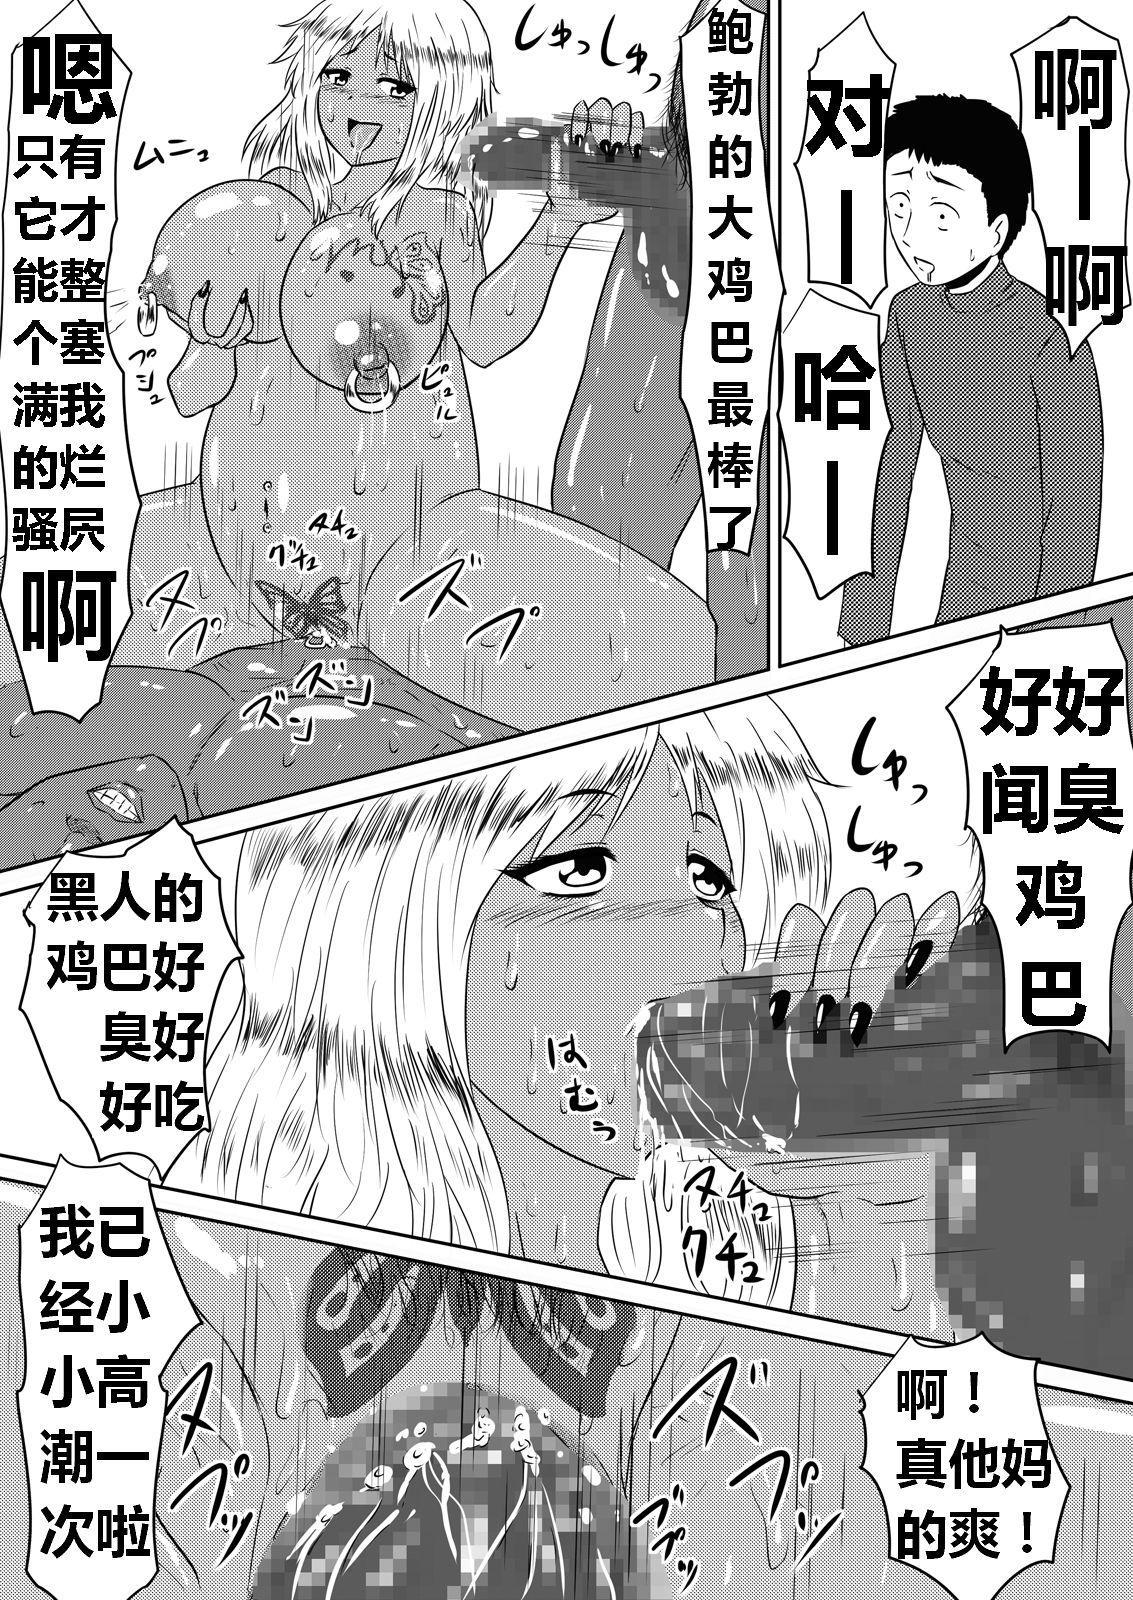 Ore no Kanojo ga Fuuzokujou ni Natta Riyuu | 女朋友下海拍片了 90